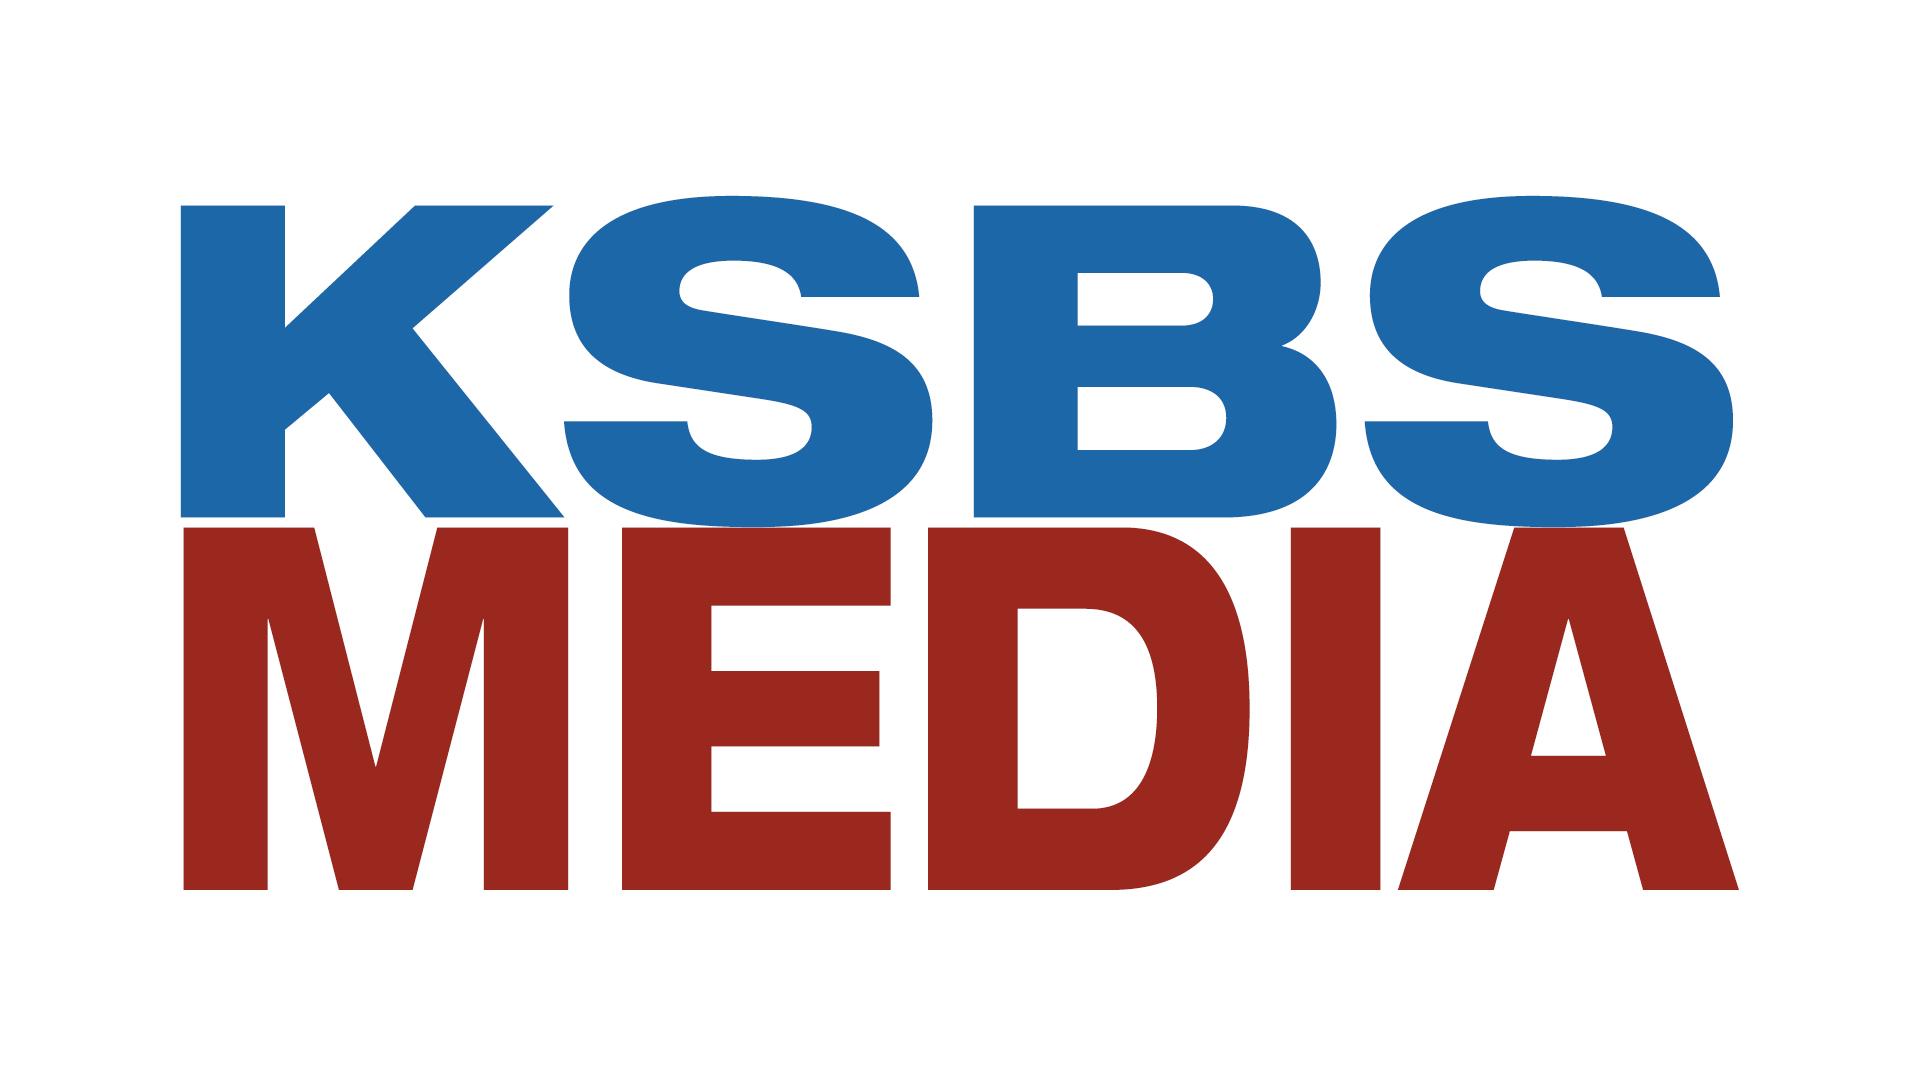 KSBS Media